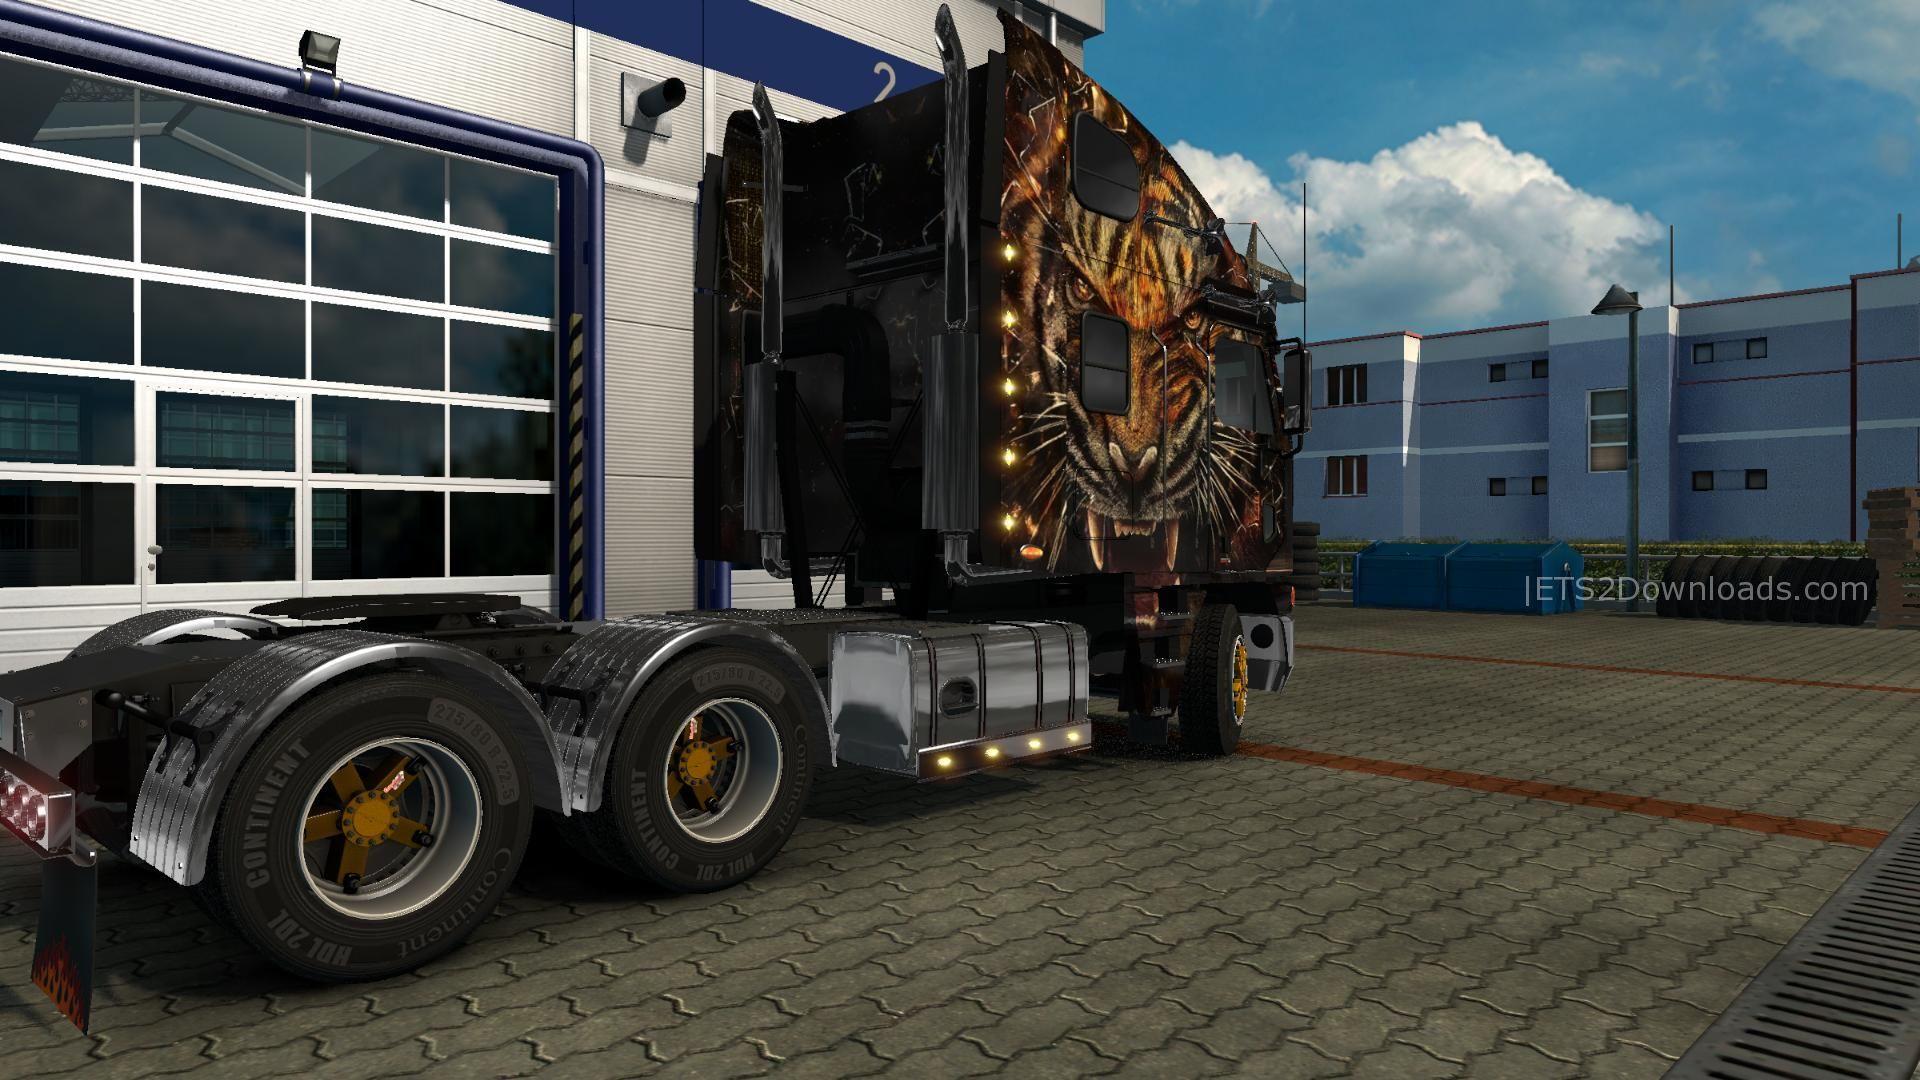 freightliner-argosy-3-2